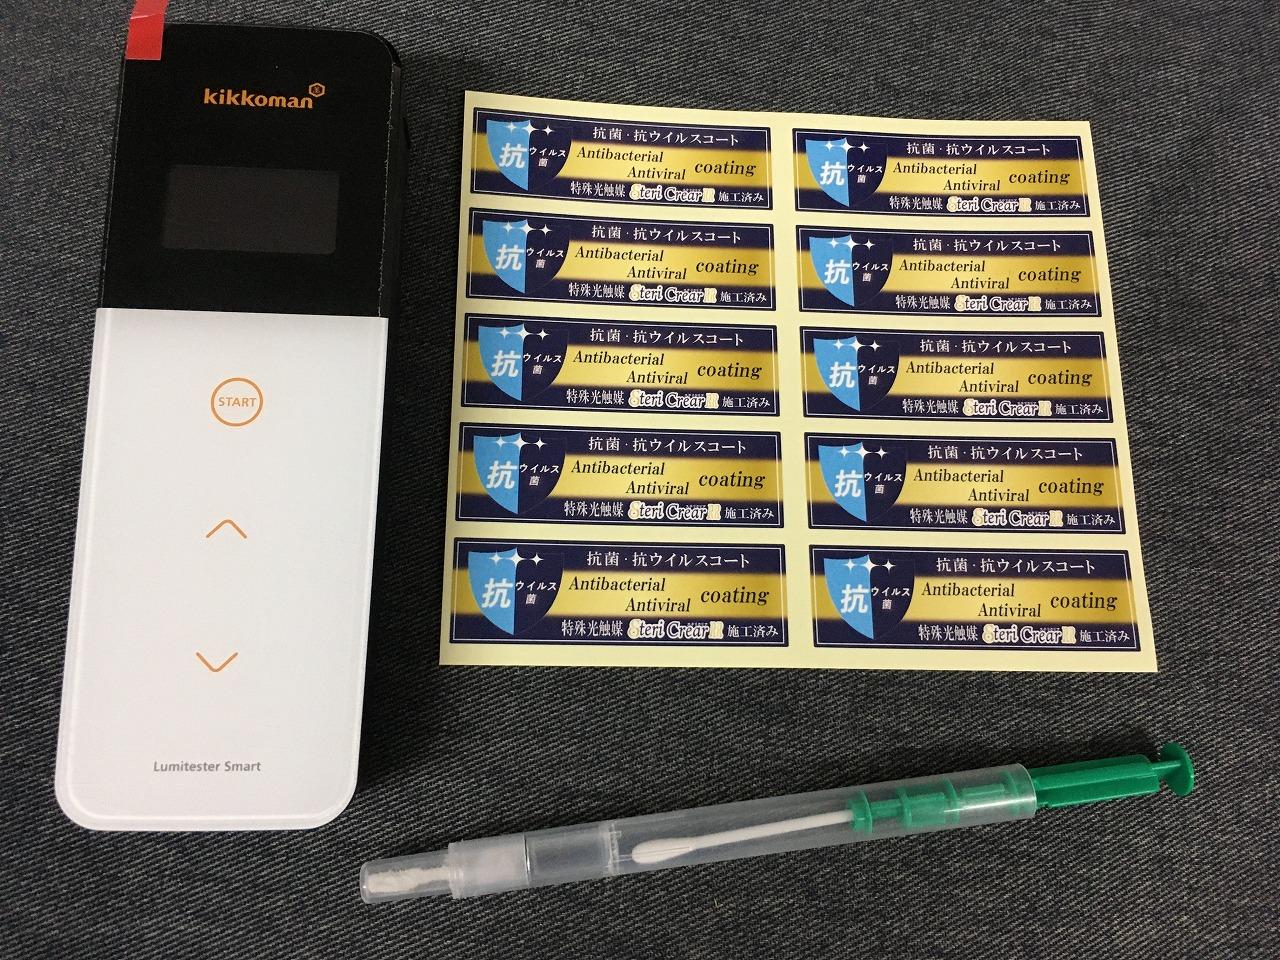 ウイルス濃度測定装置